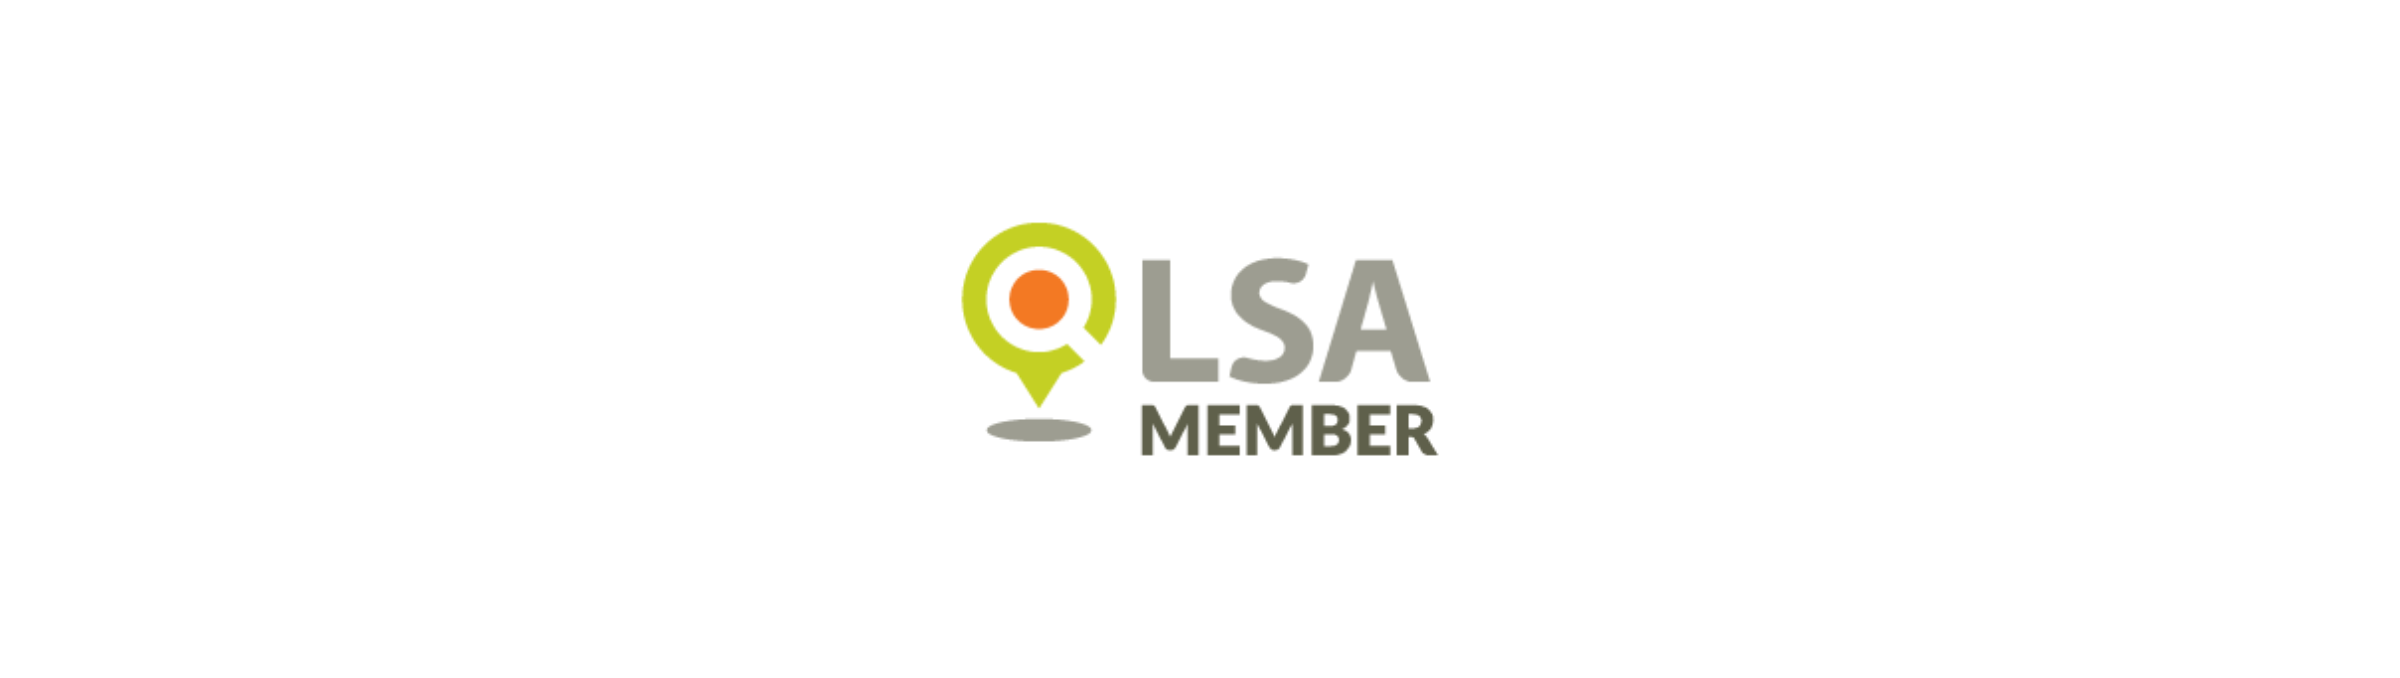 LSA member banner.png